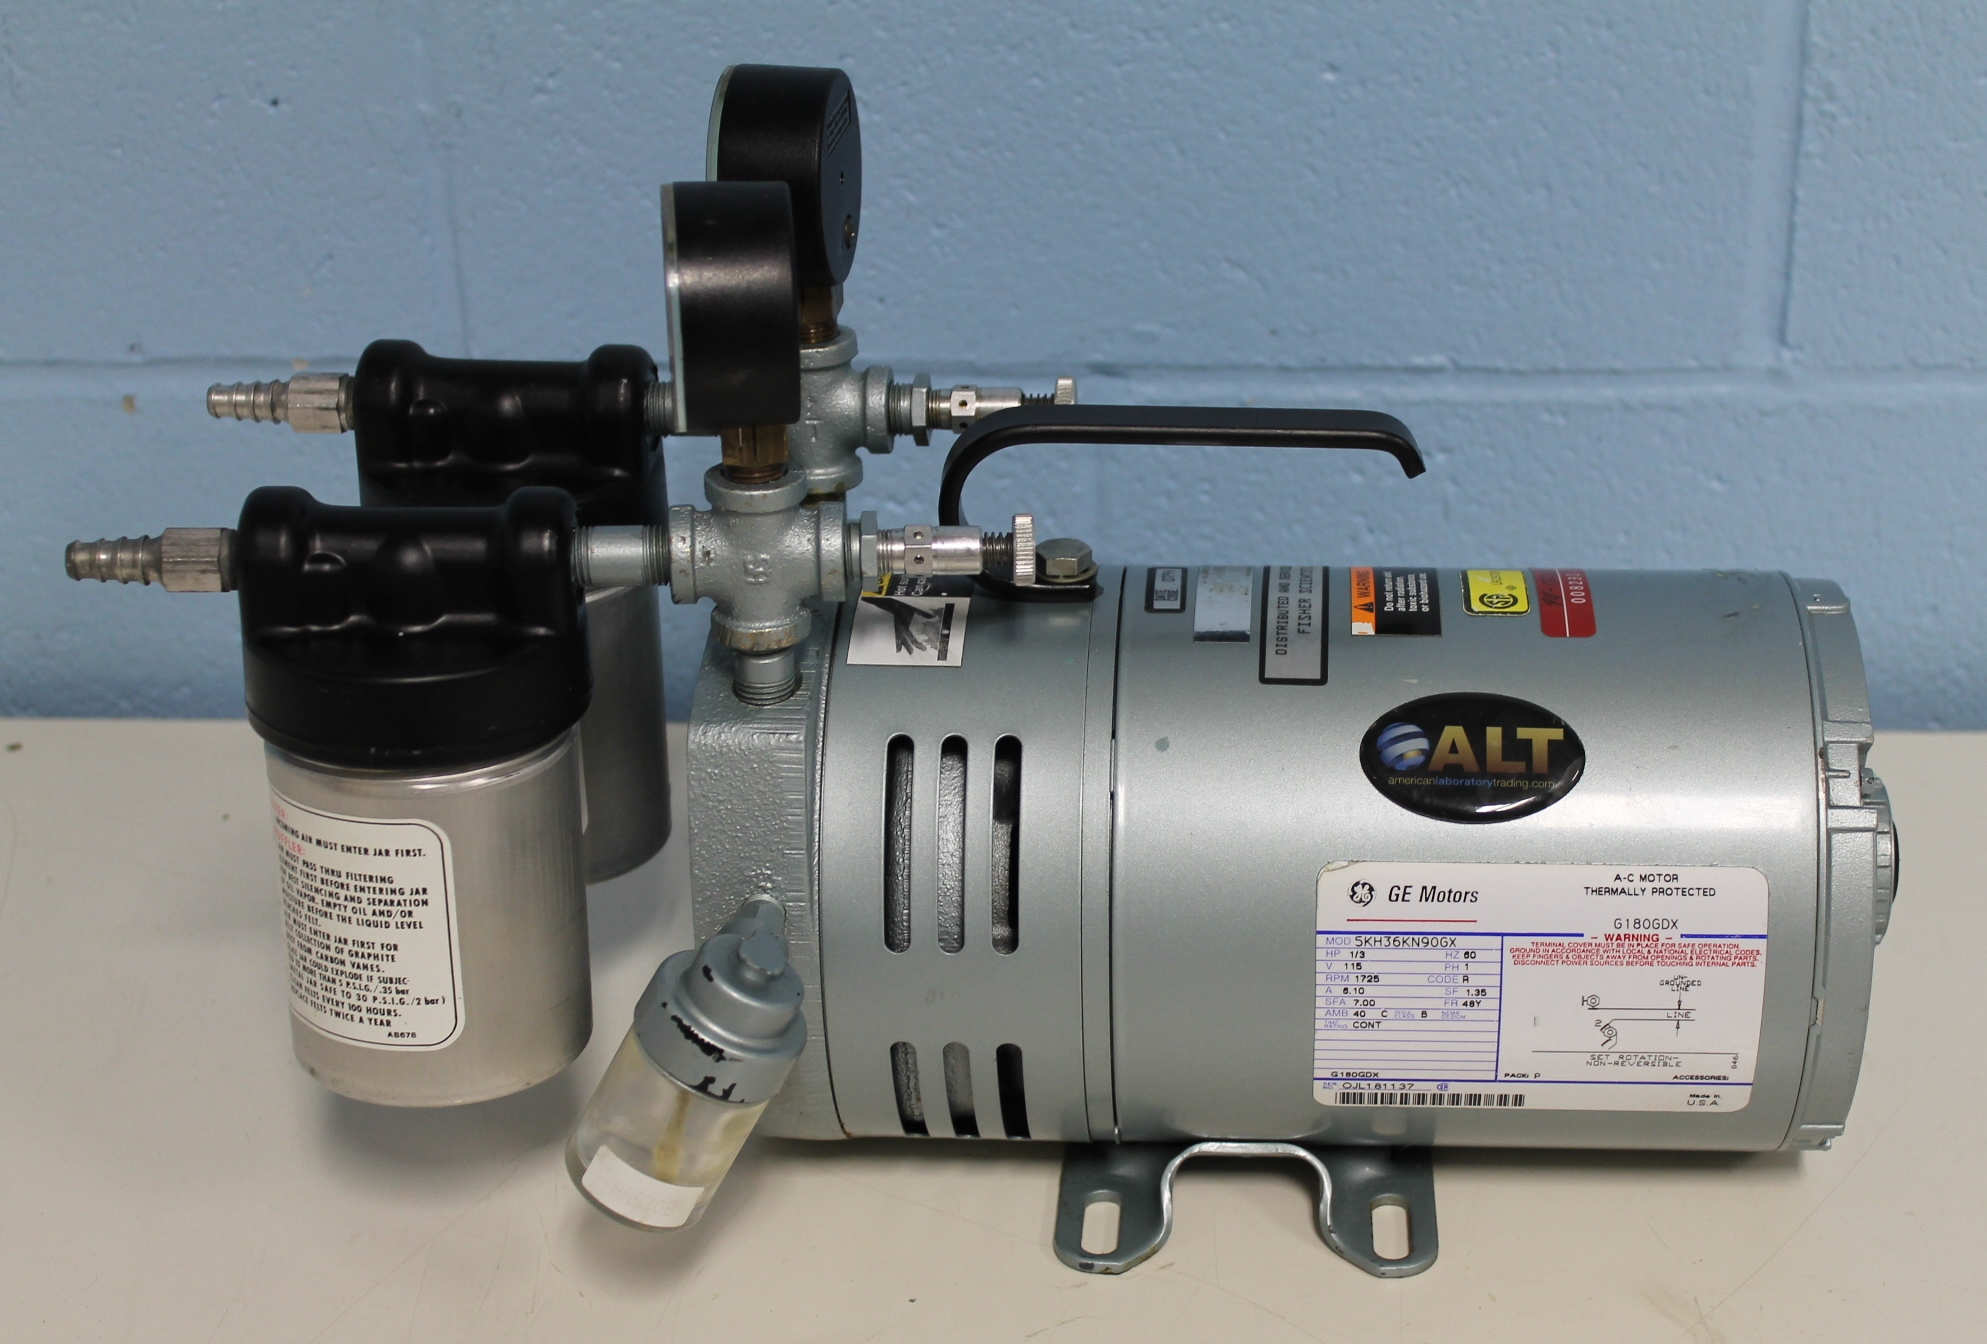 0523 V4H G588DX Rotary Vane Vacuum Pump gast 0523 v4h g588dx rotary vane vacuum pump gast vacuum pump wiring diagrams at soozxer.org